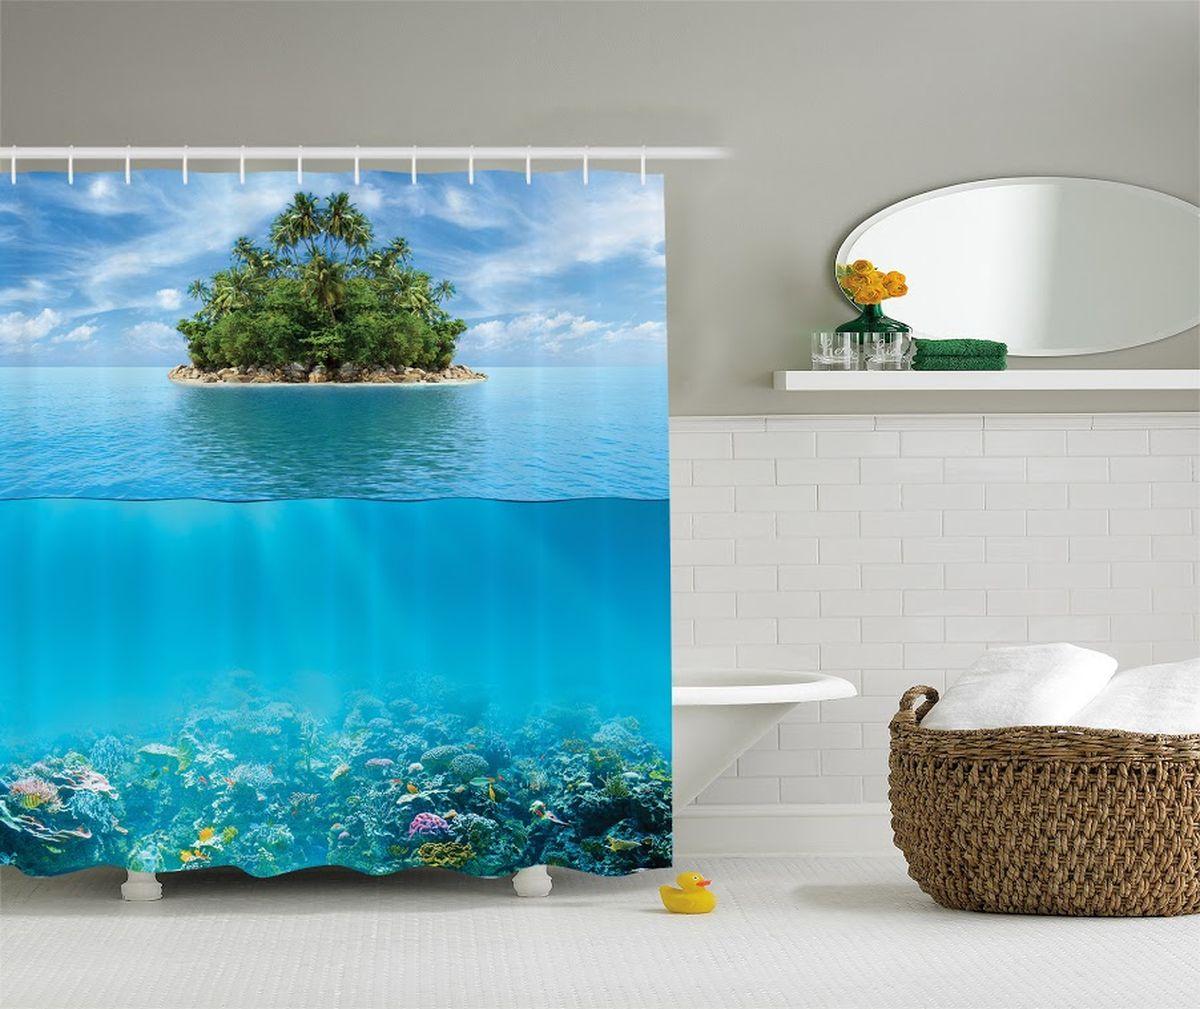 Штора для ванной комнаты Magic Lady Пальмовый остров, 180 х 200 смшв_8087Штора Magic Lady Пальмовый остров, изготовленная из высококачественного сатена (полиэстер 100%), отлично дополнит любой интерьер ванной комнаты. При изготовлении используются специальные гипоаллергенные чернила для прямой печати по ткани, безопасные для человека.В комплекте: 1 штора, 12 крючков. Обращаем ваше внимание, фактический цвет изделия может незначительно отличаться от представленного на фото.